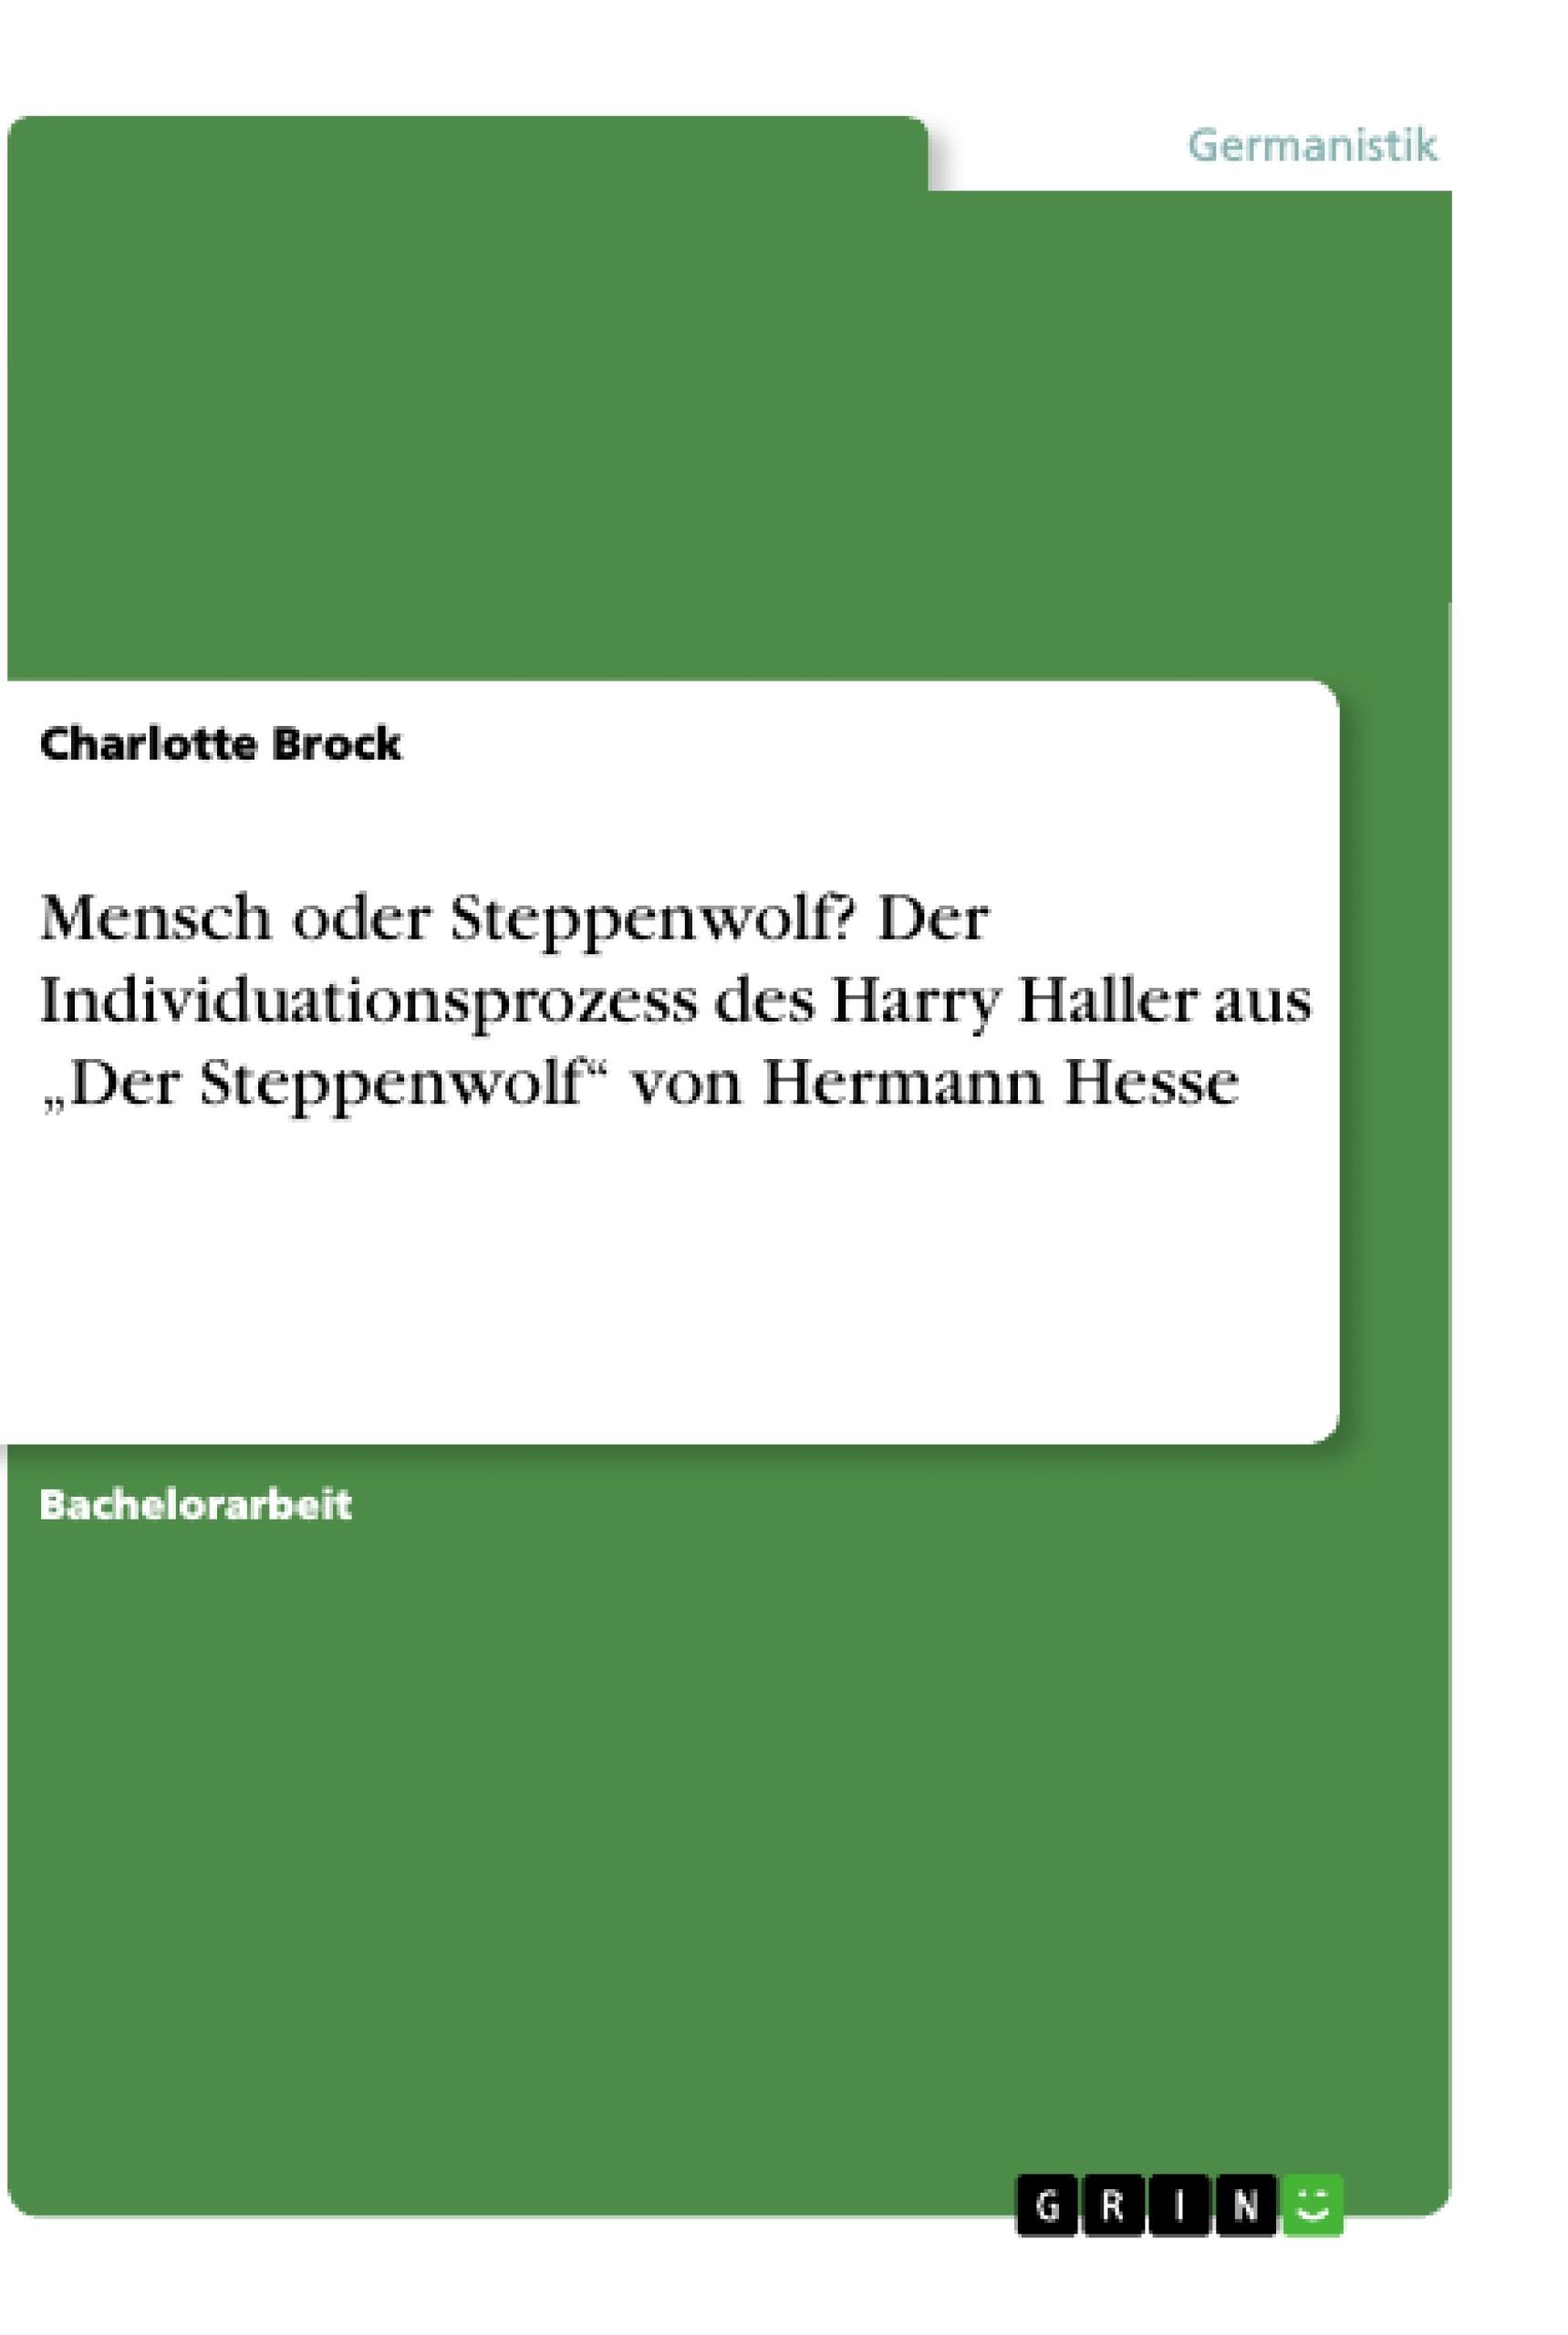 """Titel: Mensch oder Steppenwolf? Der Individuationsprozess des Harry Haller aus """"Der Steppenwolf"""" von Hermann Hesse"""